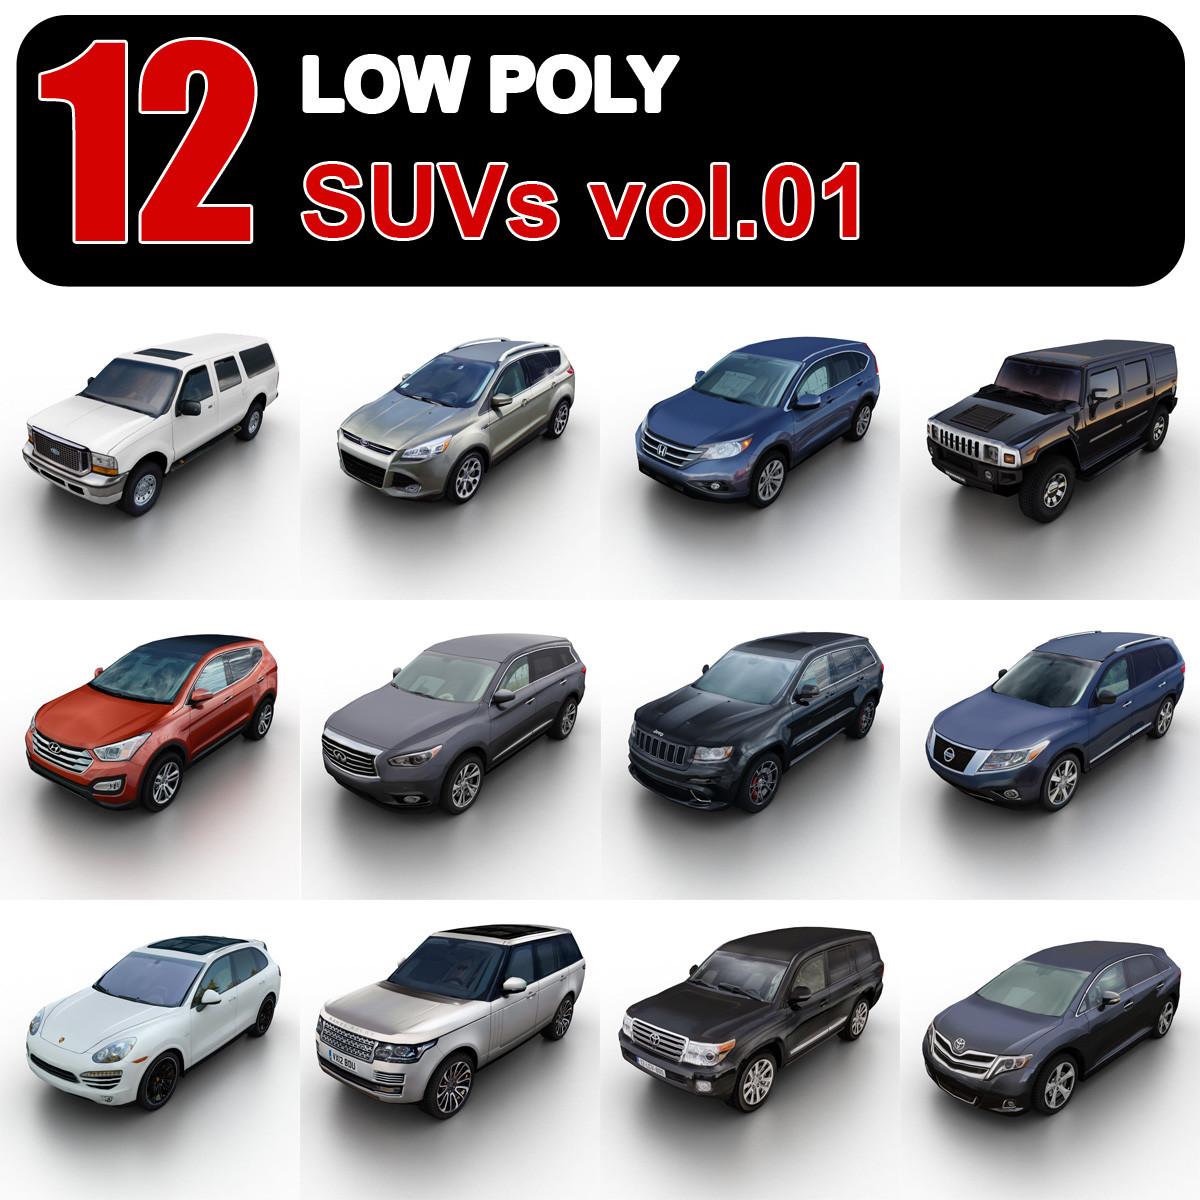 SUVs01.jpg